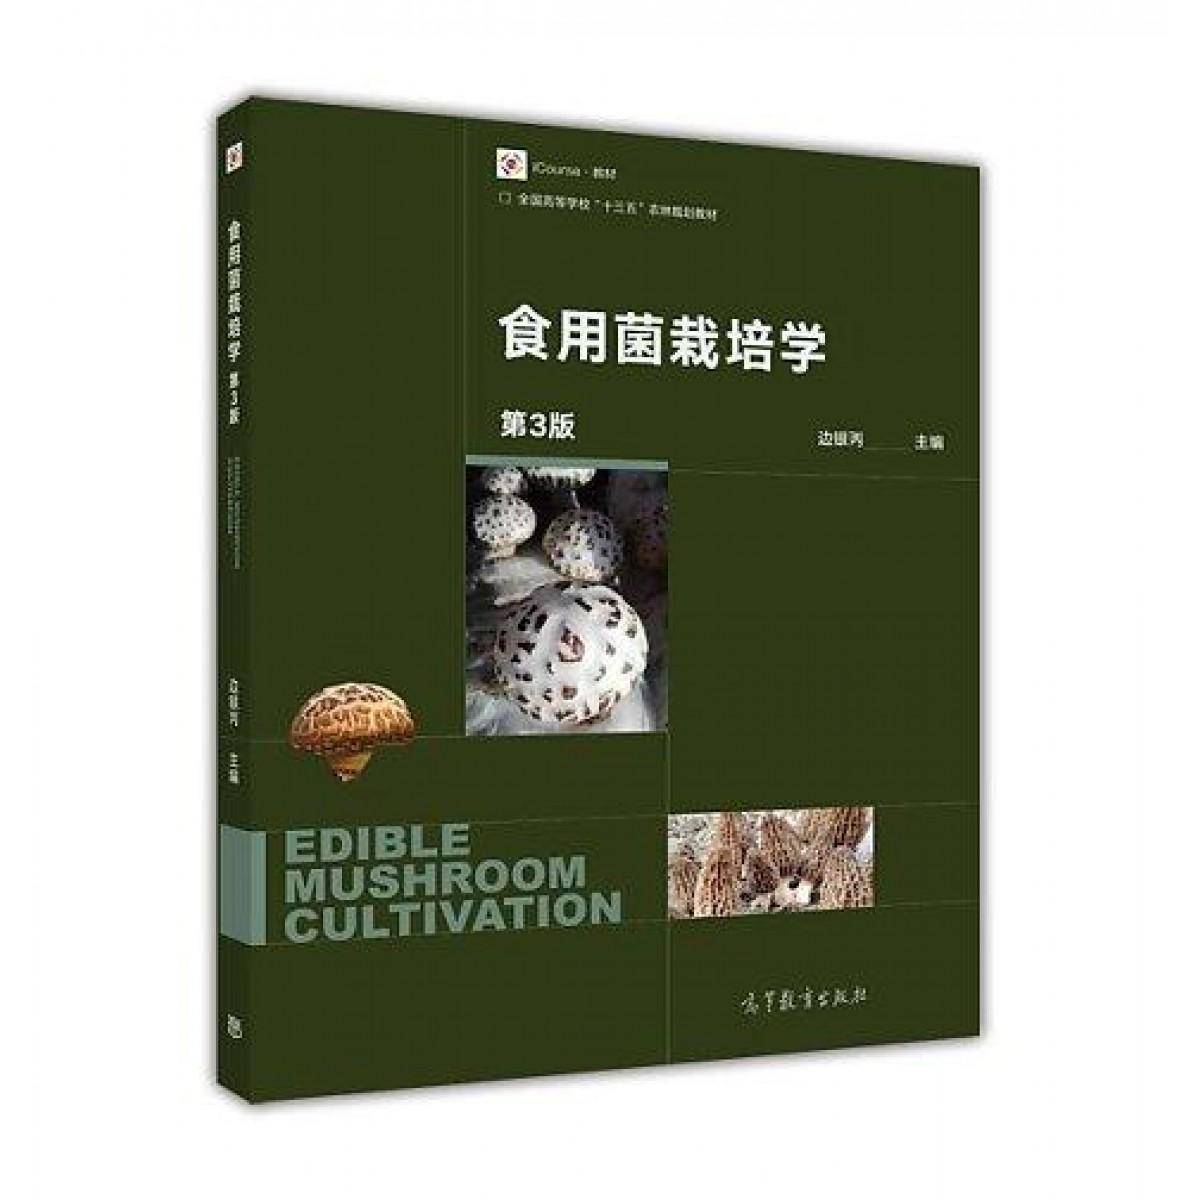 《食用菌栽培学( 第3版)》 边银丙/主编